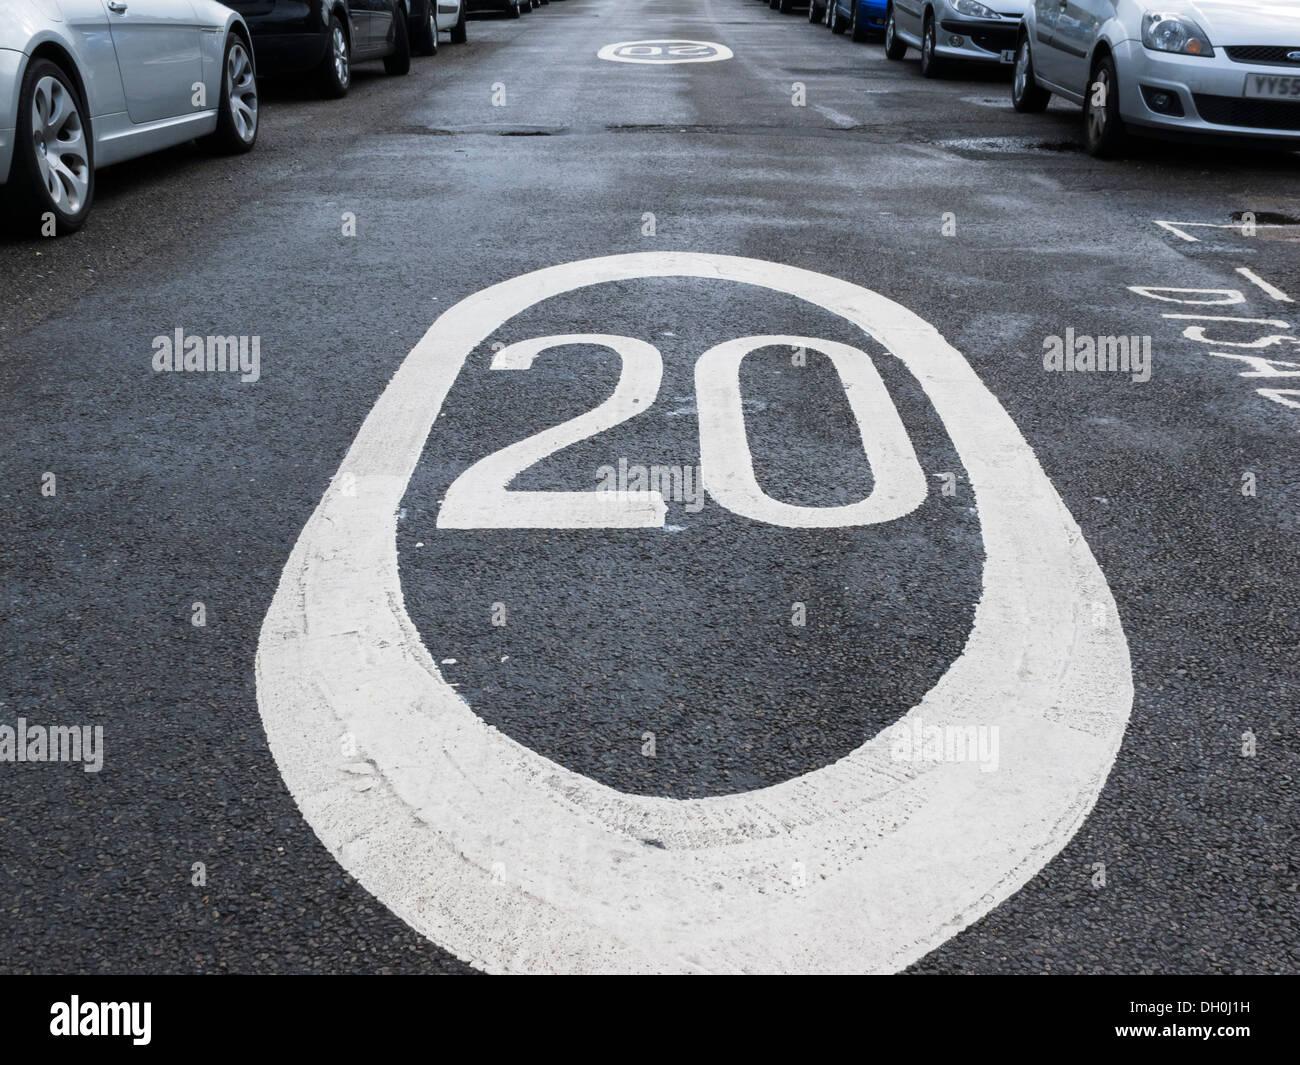 Limitation de vitesse de 20 mph Photo Stock